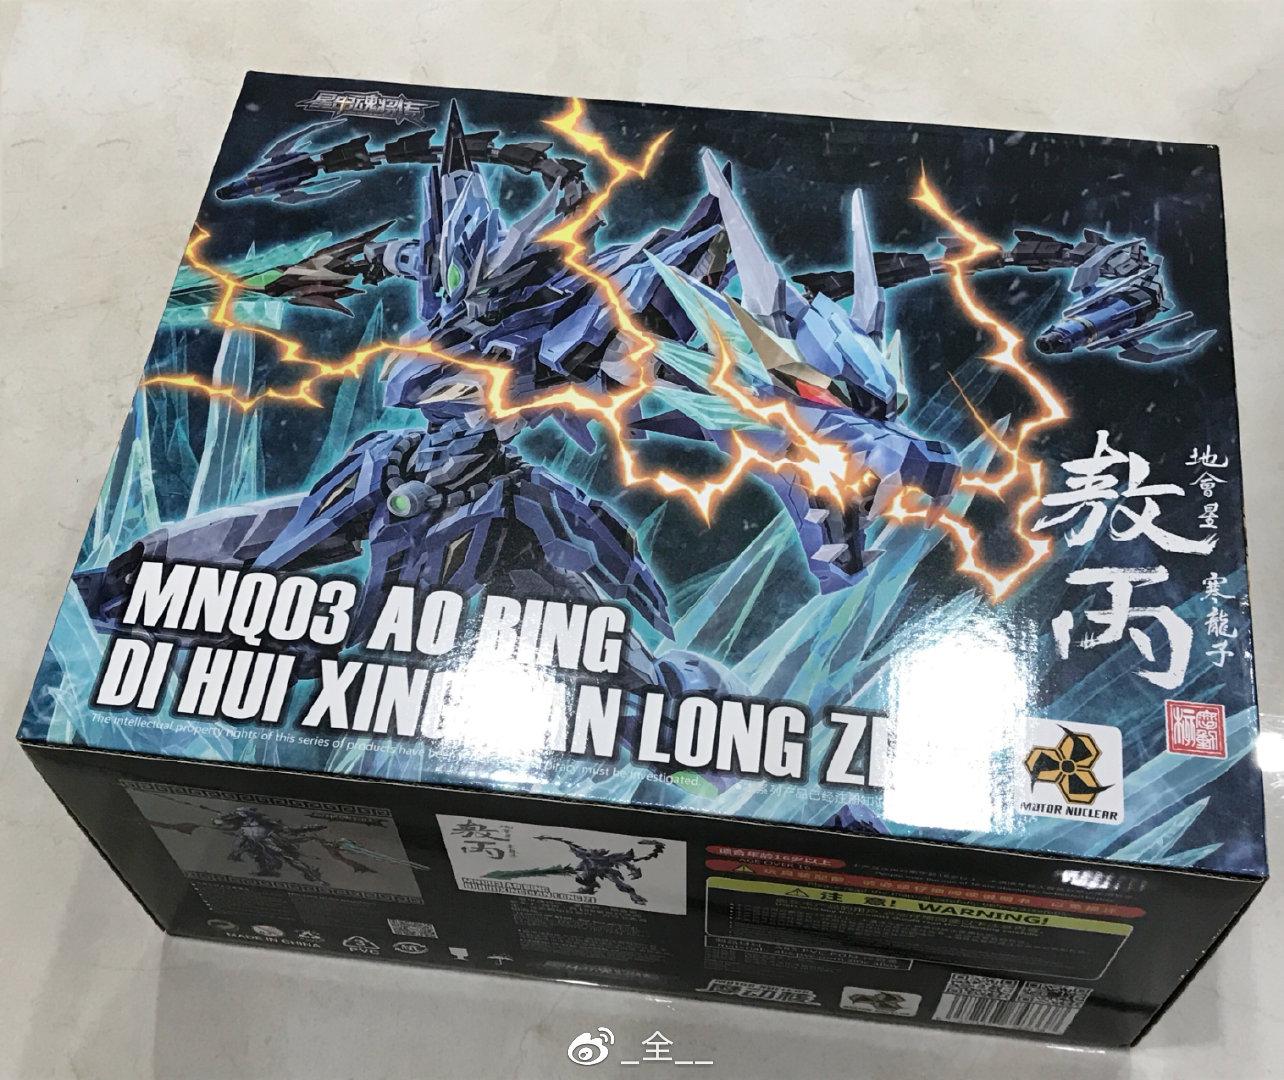 S470_MOTOR_NUCLEAR_MN_Q03_blue_gragon_ao_bing_di_hui_xing_han_long_zi_003.jpg